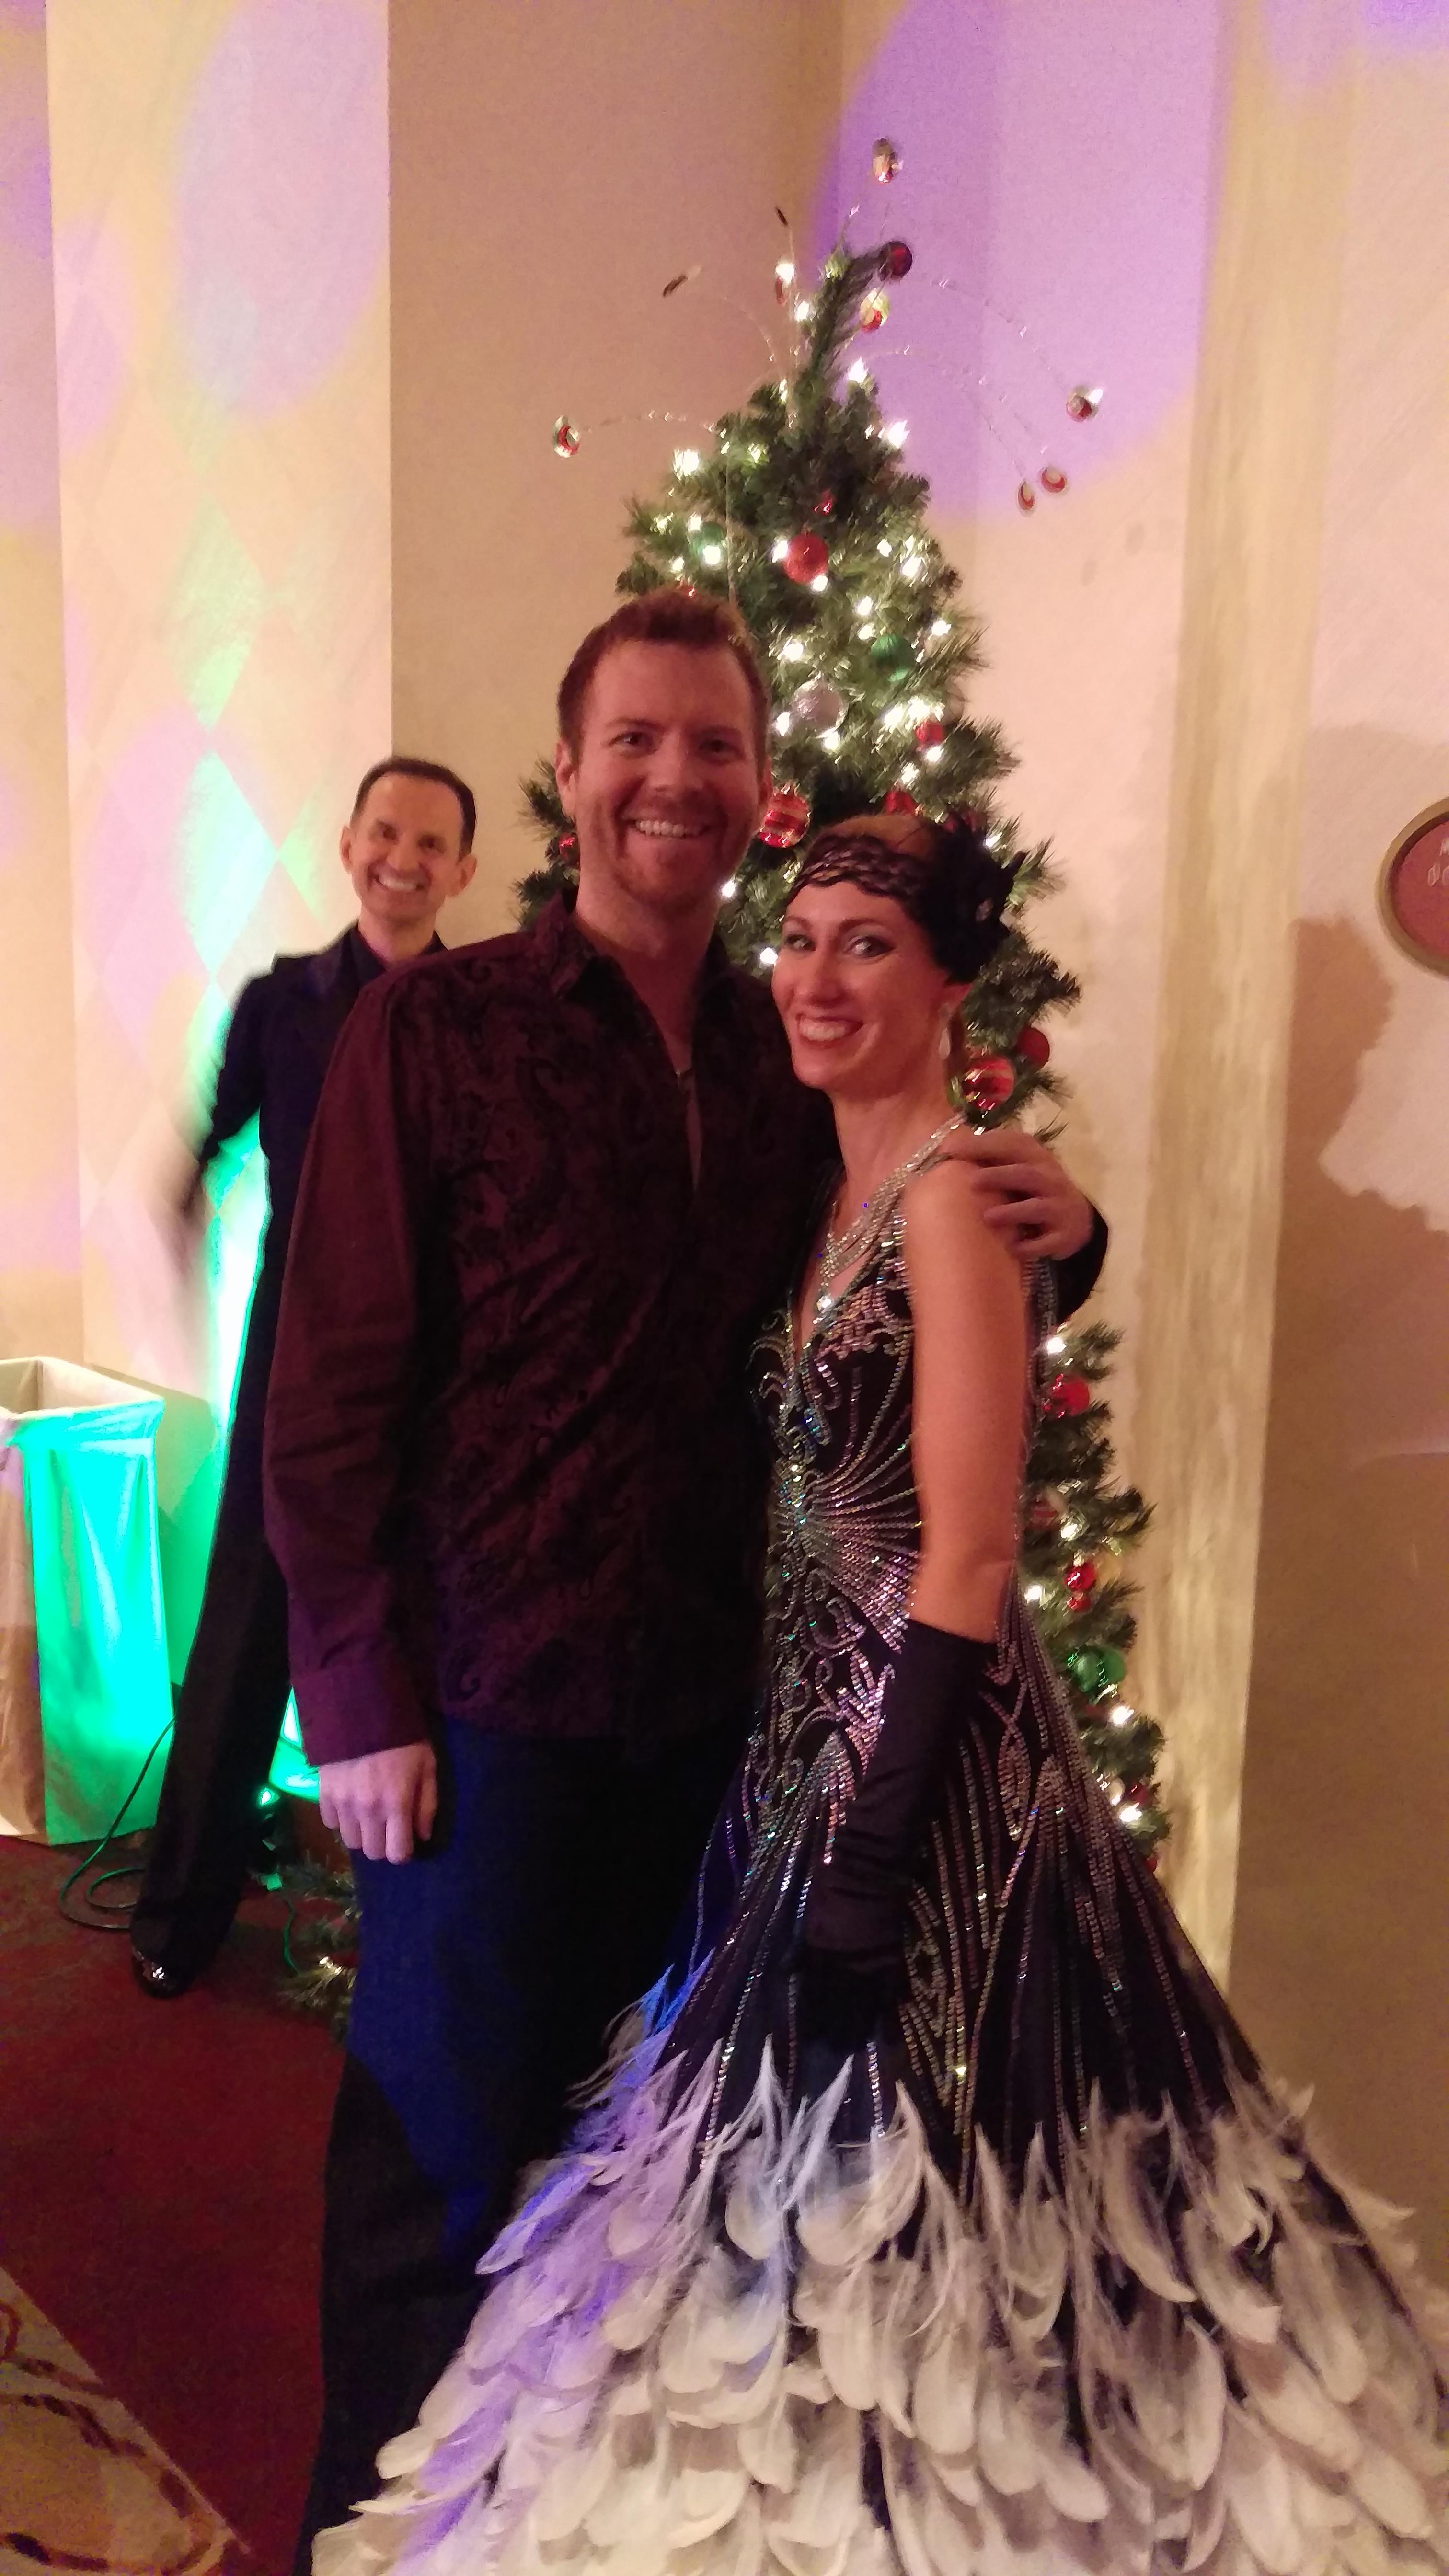 Taylor Westfall and Jennifer Corey